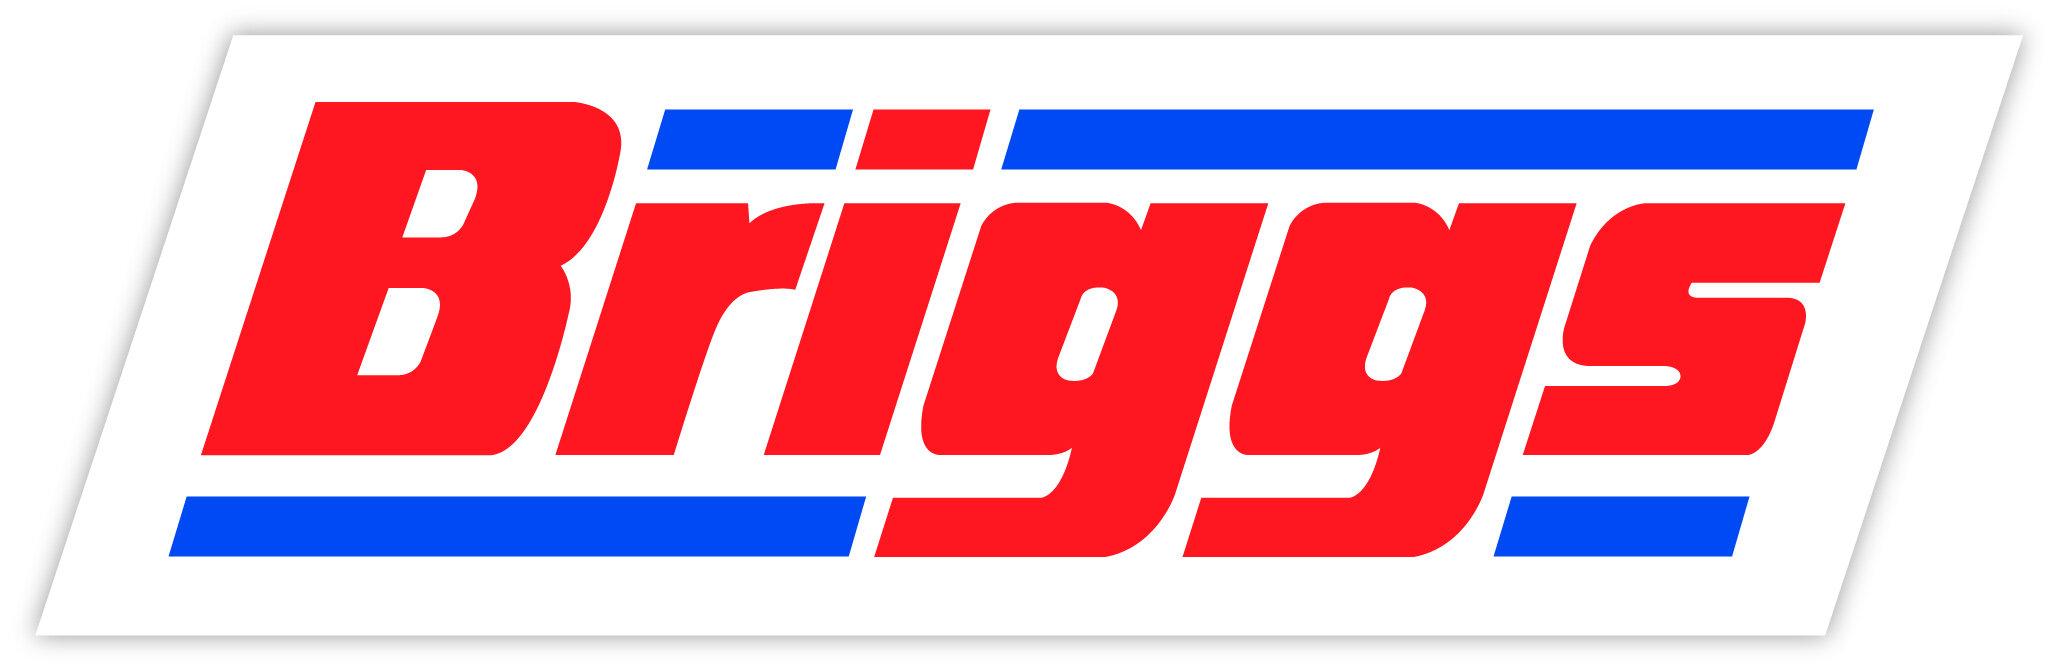 Brigg Marine logo (dropshadow).jpg